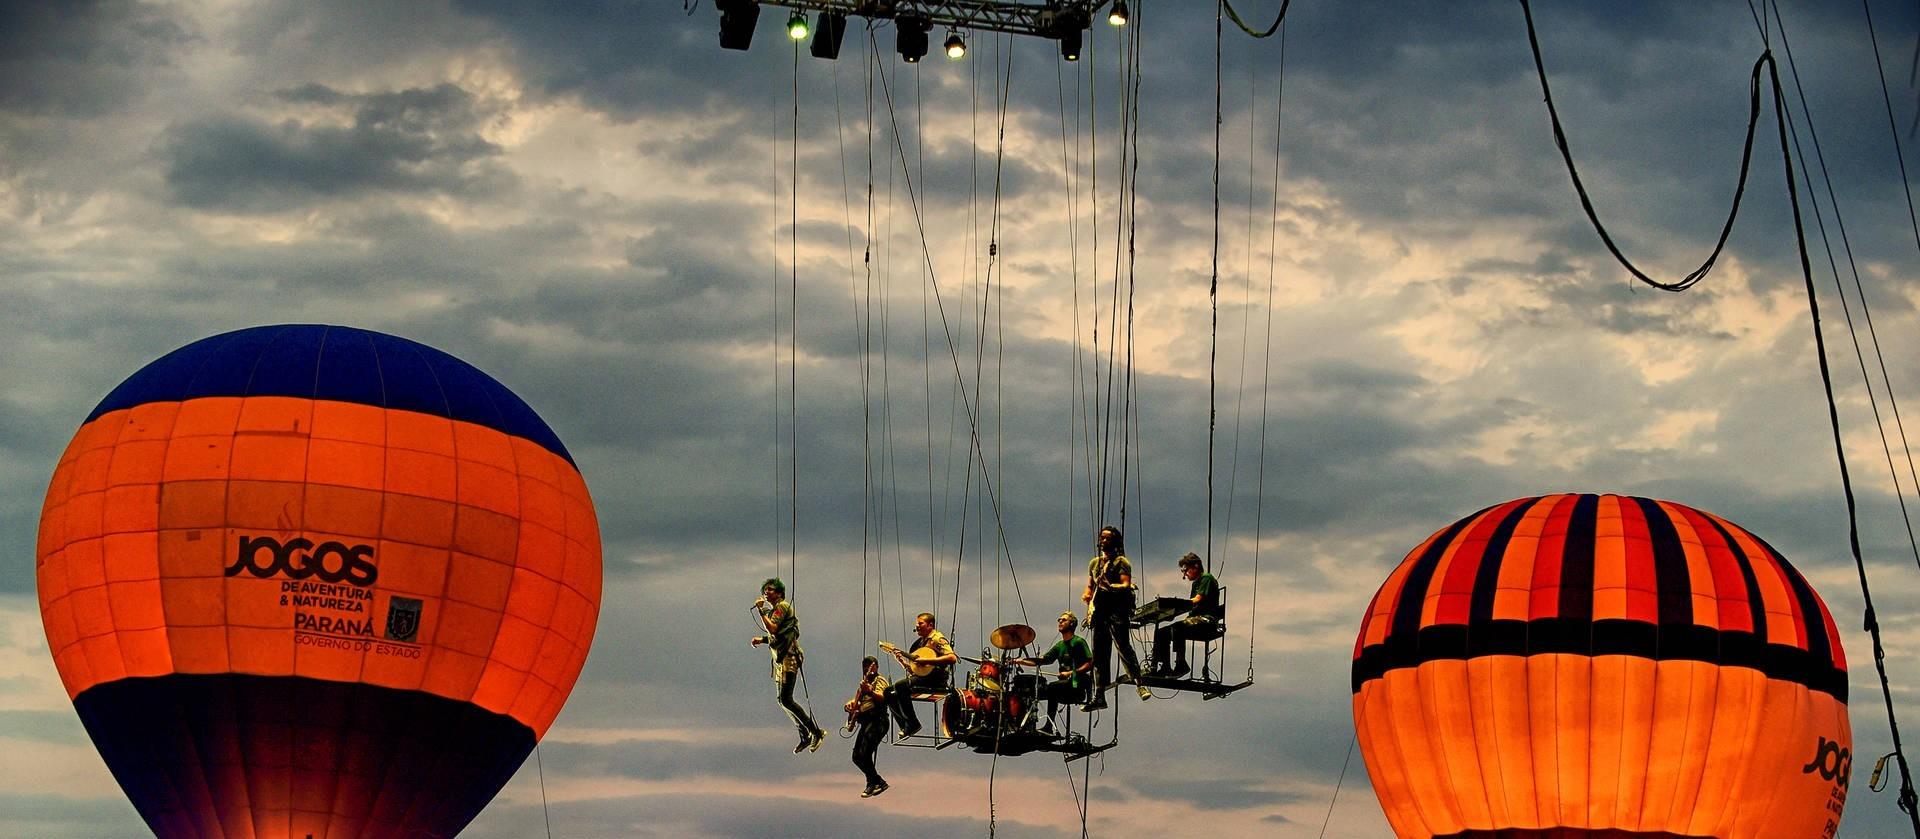 Começa neste sábado os Jogos de Aventura e Natureza em Foz do Iguaçu